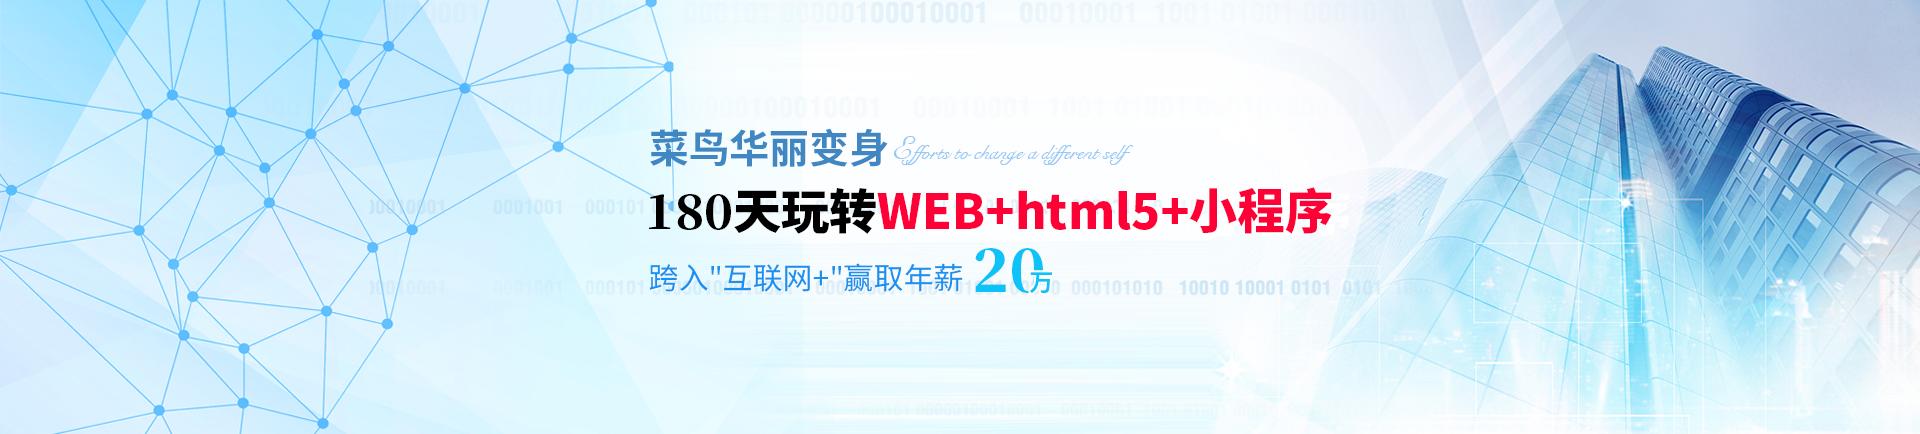 180天玩转WEB+html5+�程� 跨入互�网+赢�年薪20万-henan